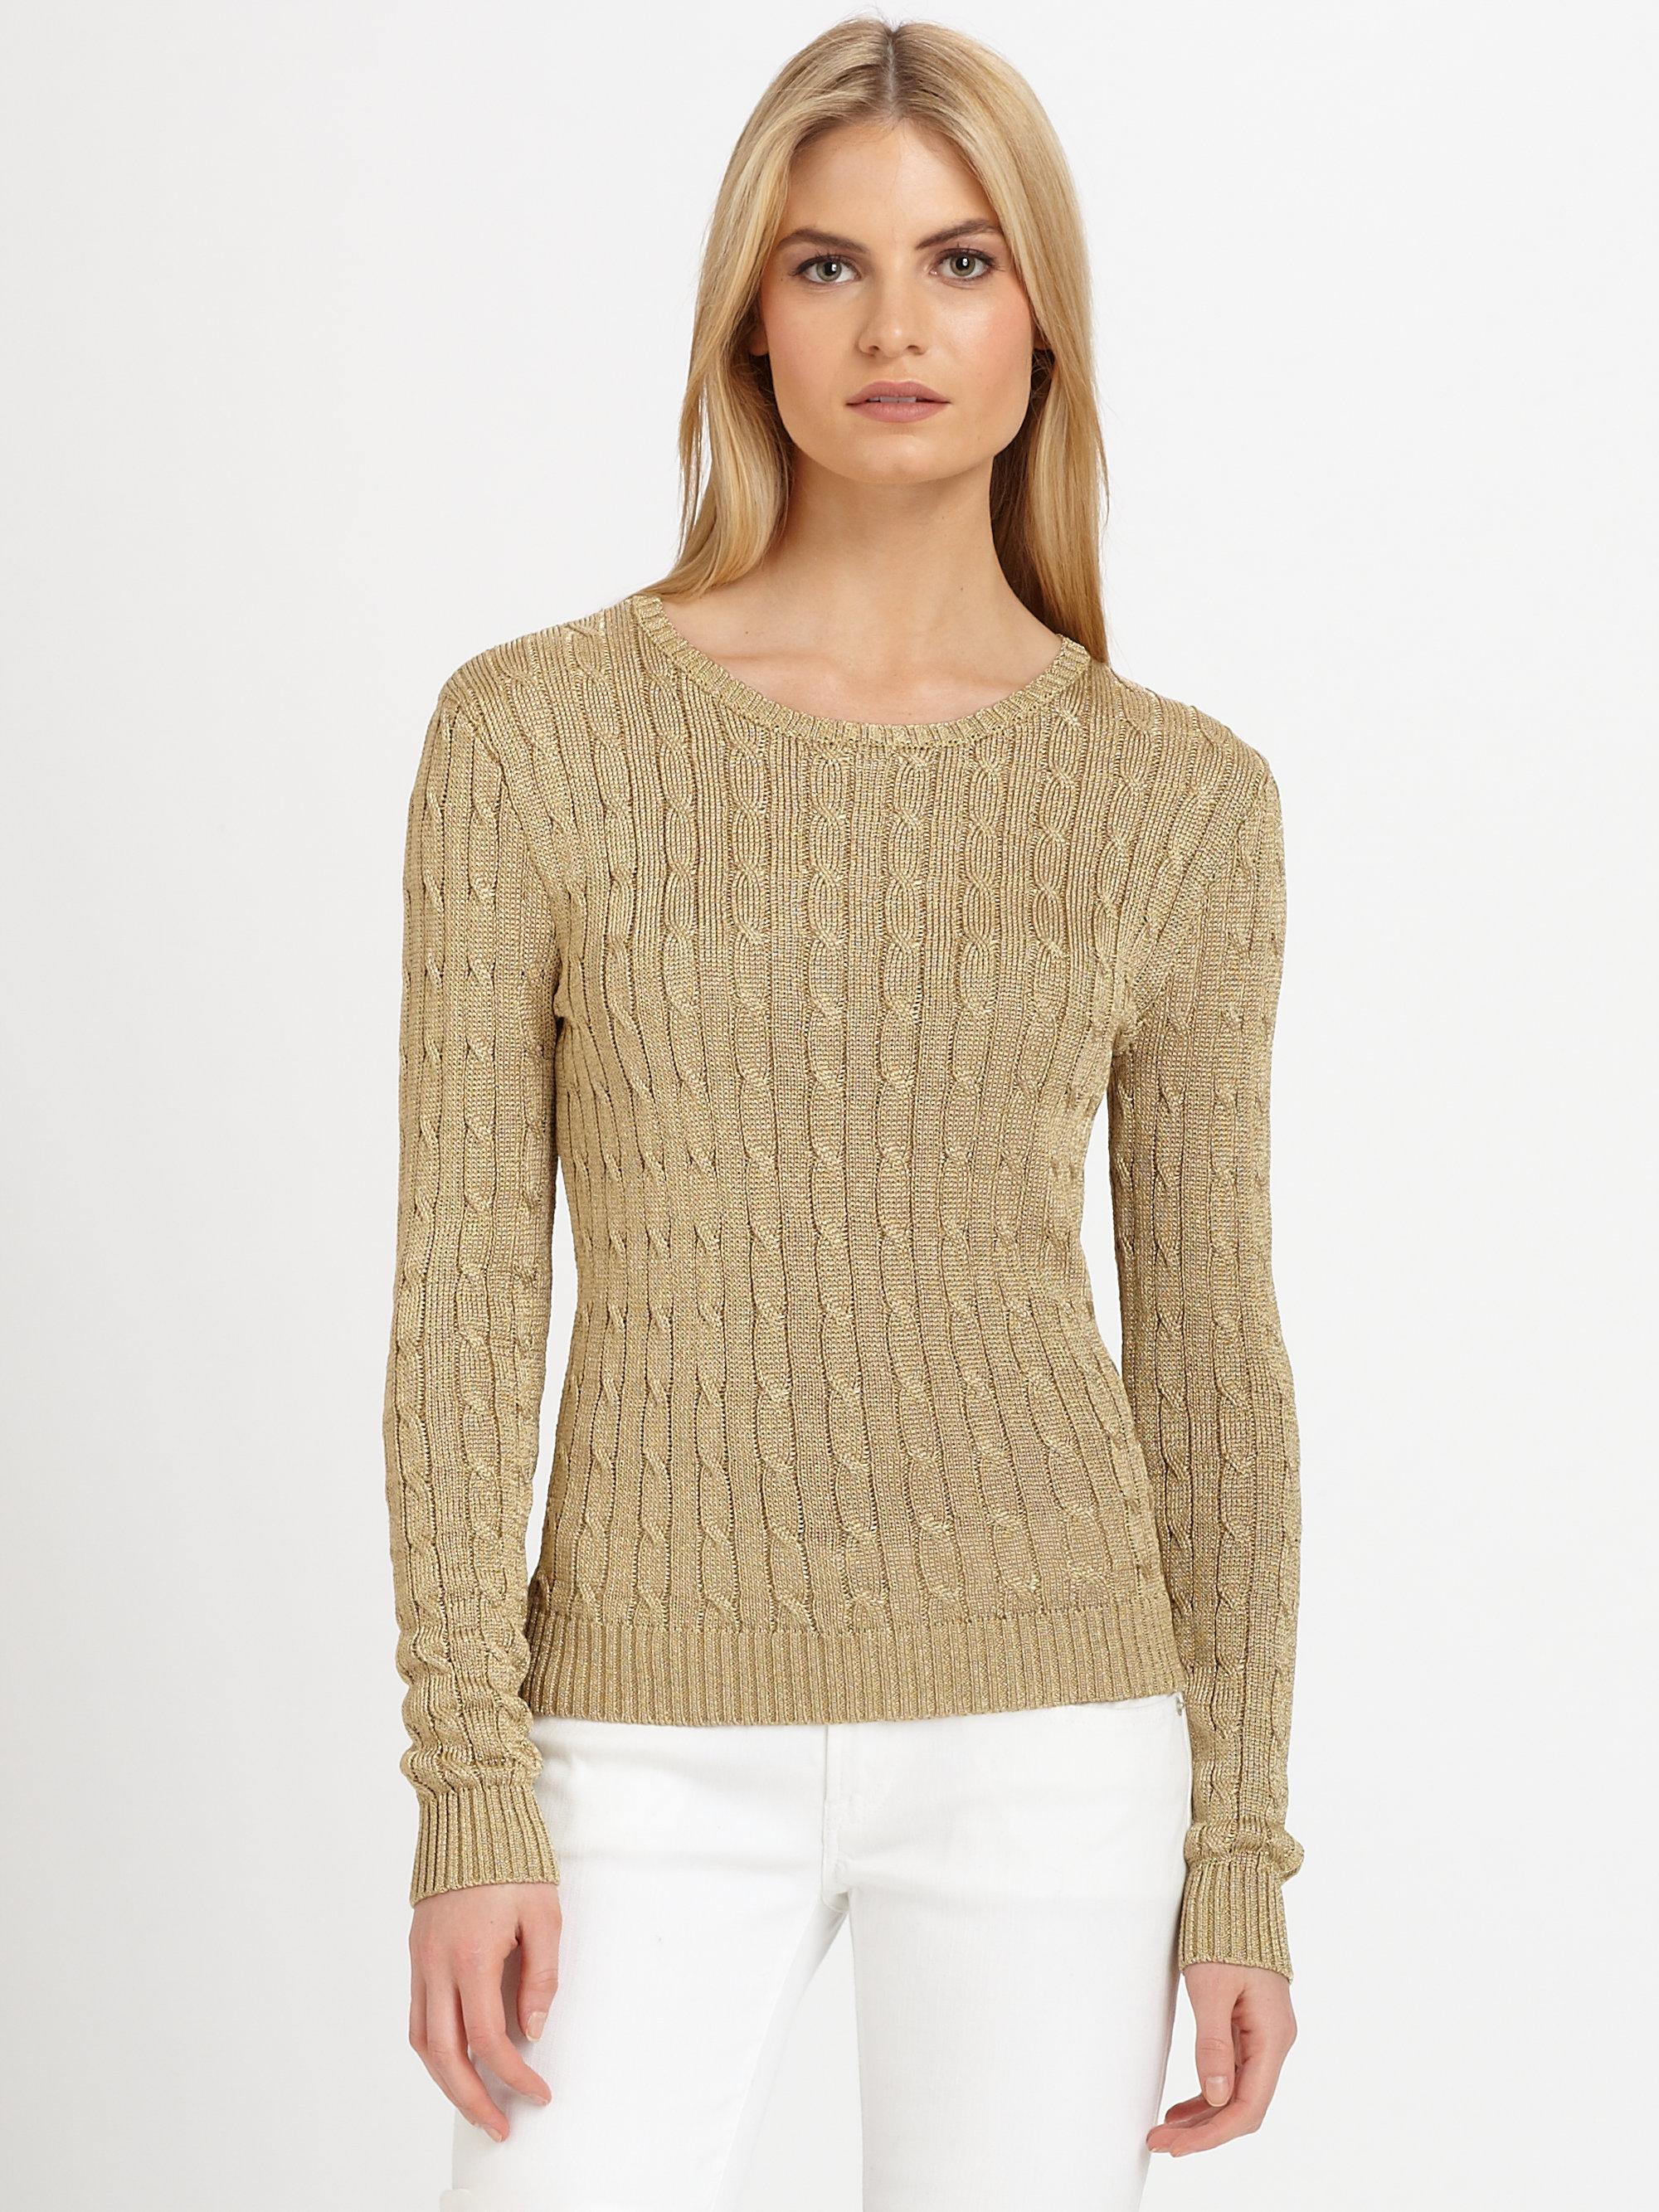 Ralph Lauren Black Label Metallic Cableknit Sweater In